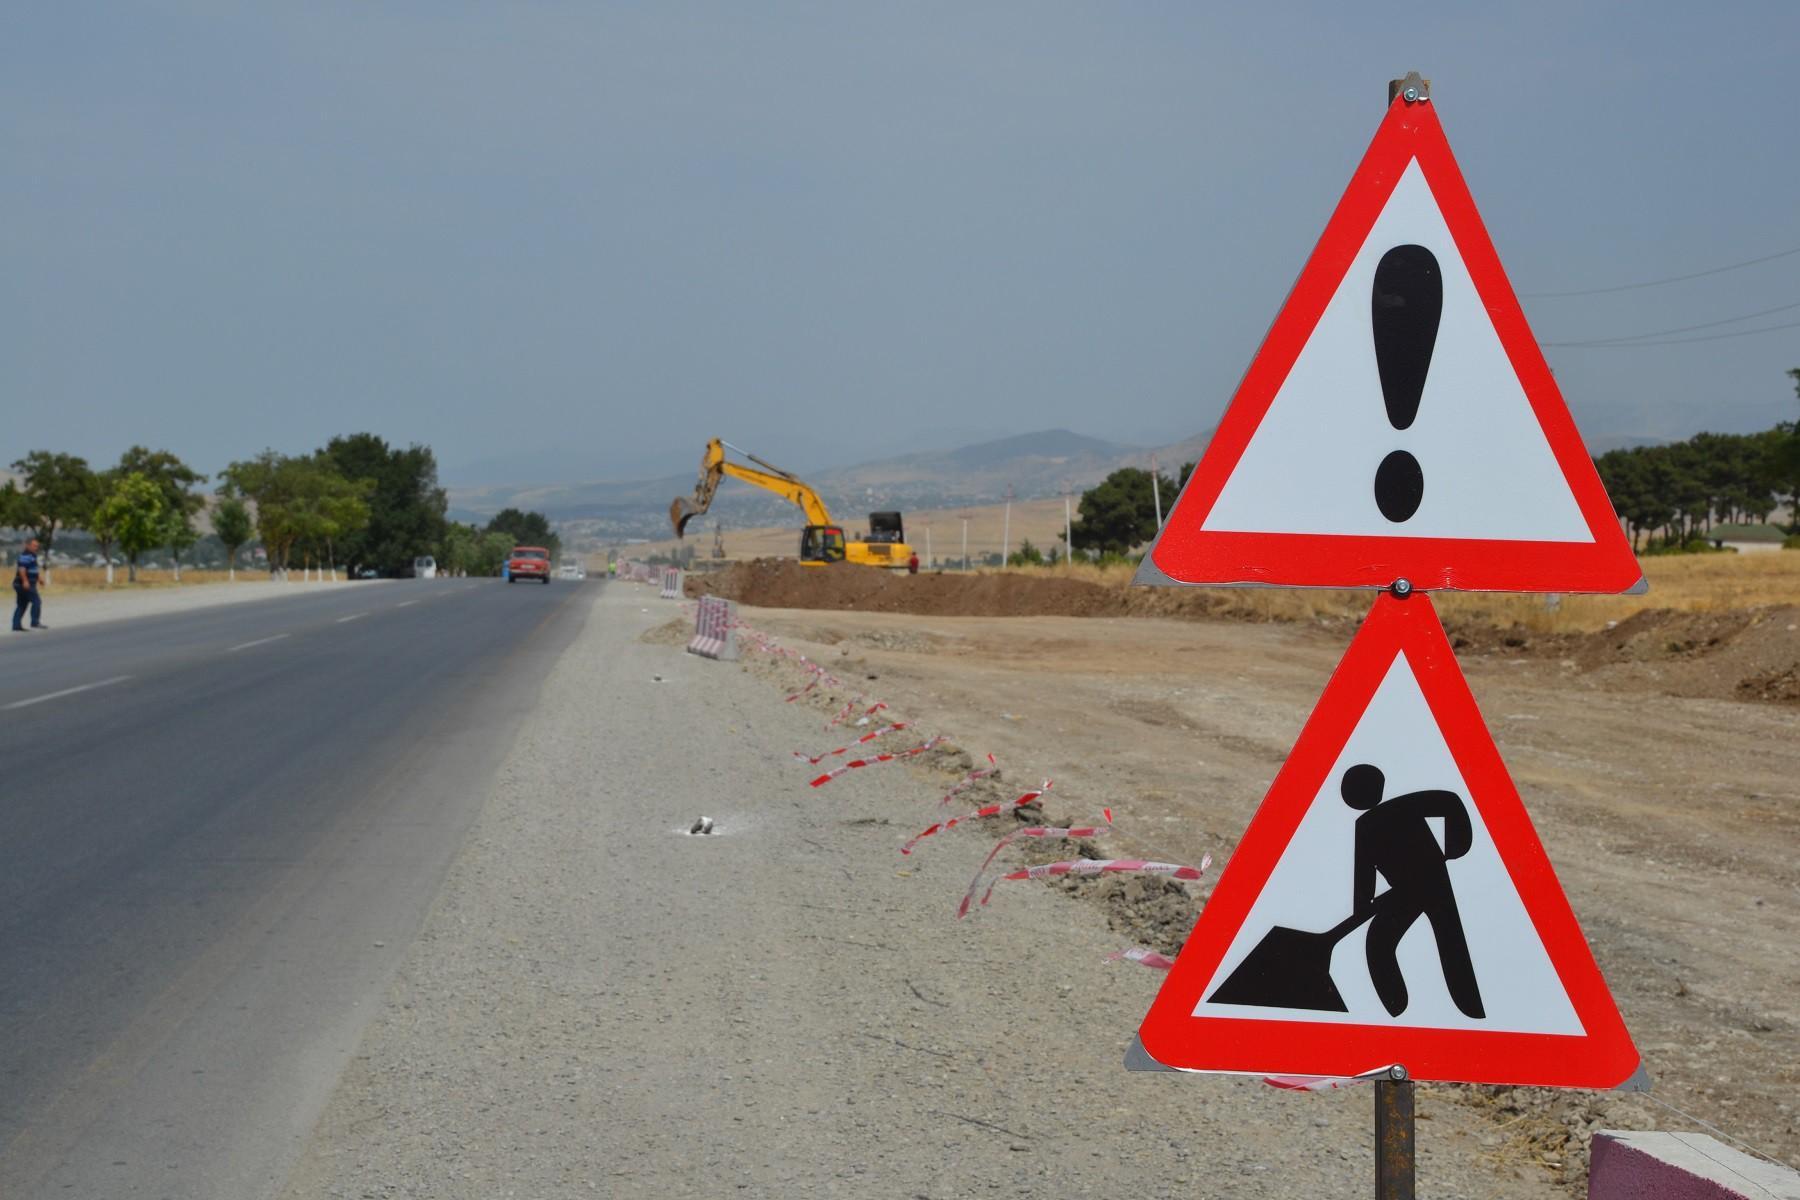 Bakı-Şamaxı-Yevlax avtomobil yolu 4 zolaqlı olacaq (FOTO/VİDEO)